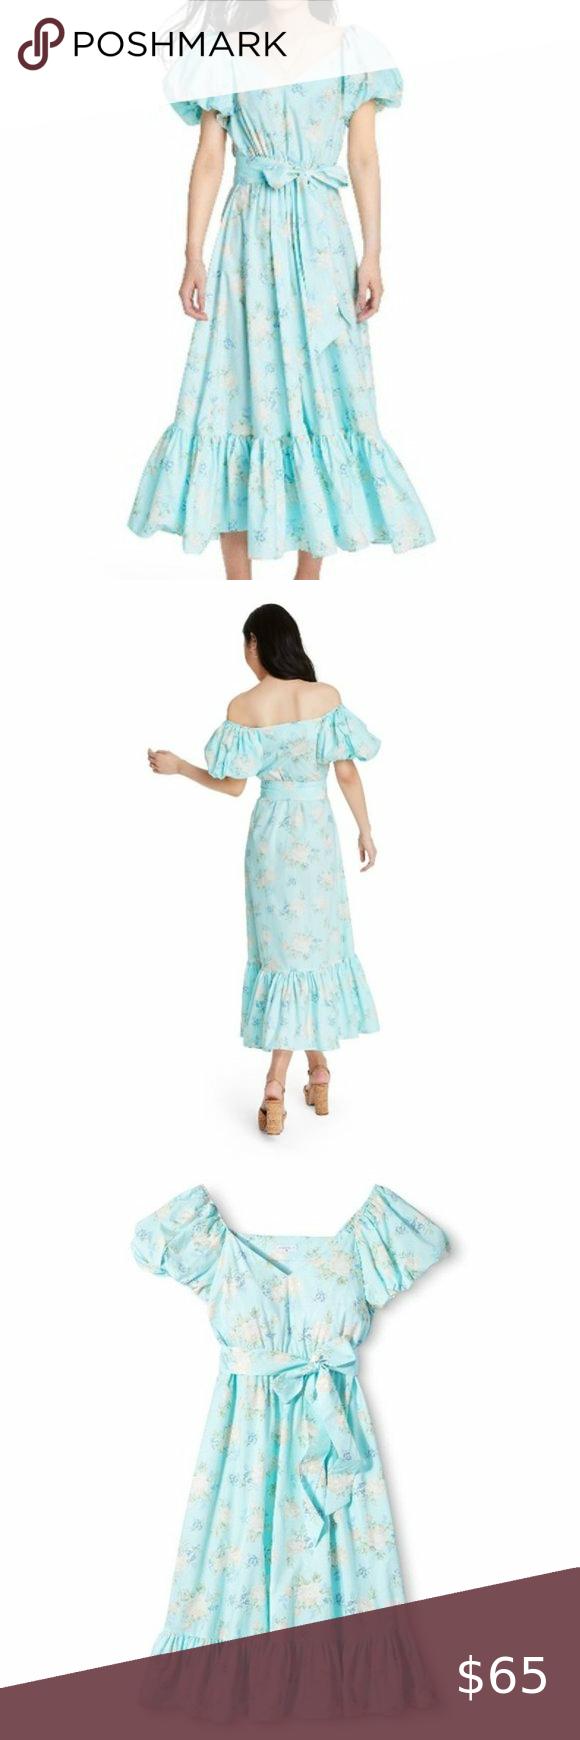 Loveshackfancy For Target Estelle Dress Puff Sleeve Dresses Estelle Dress Dresses With Sleeves [ 1740 x 580 Pixel ]